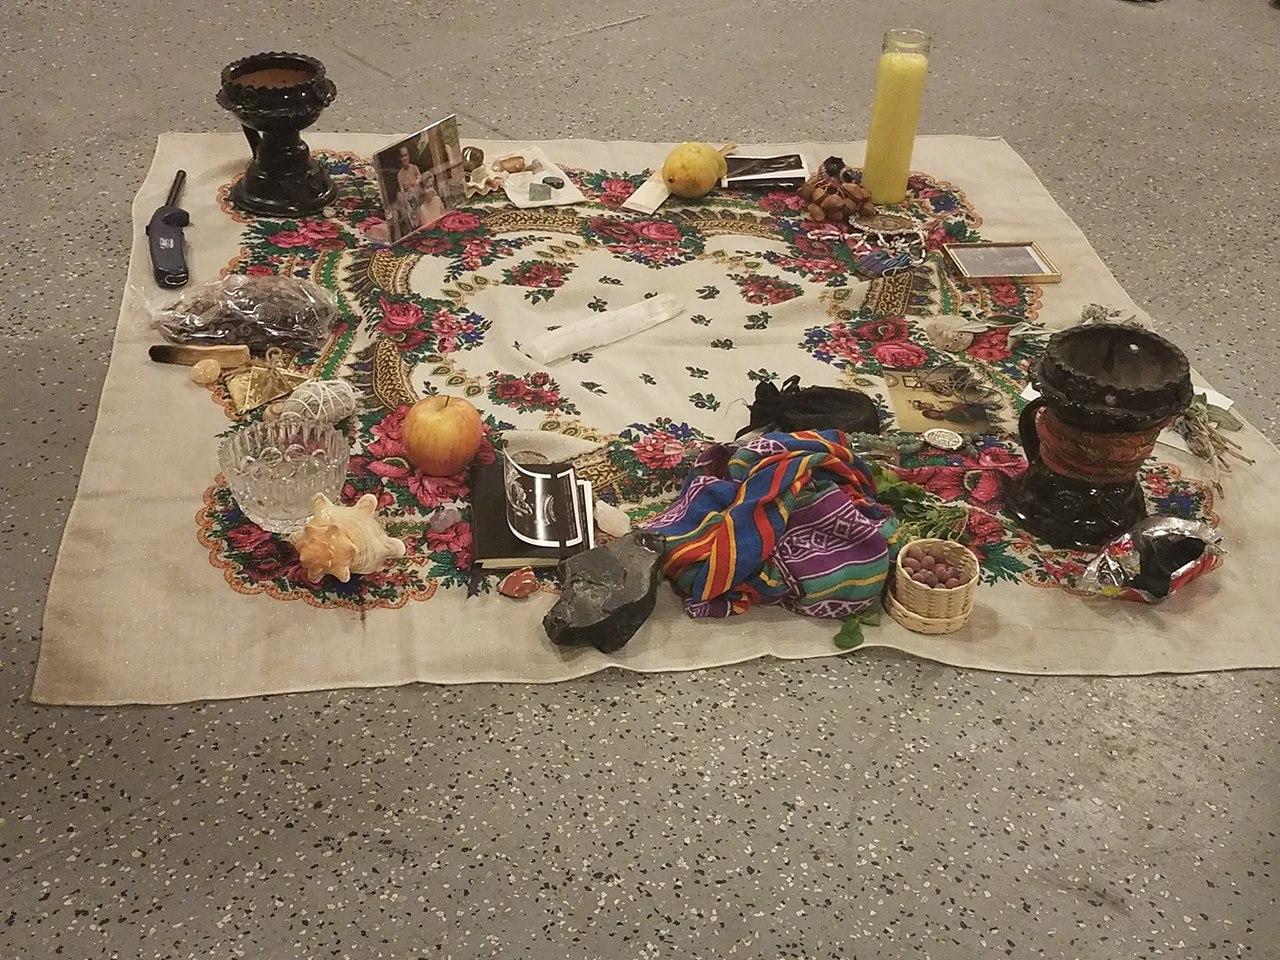 Altaring;Image courtesy of Mama Maiz